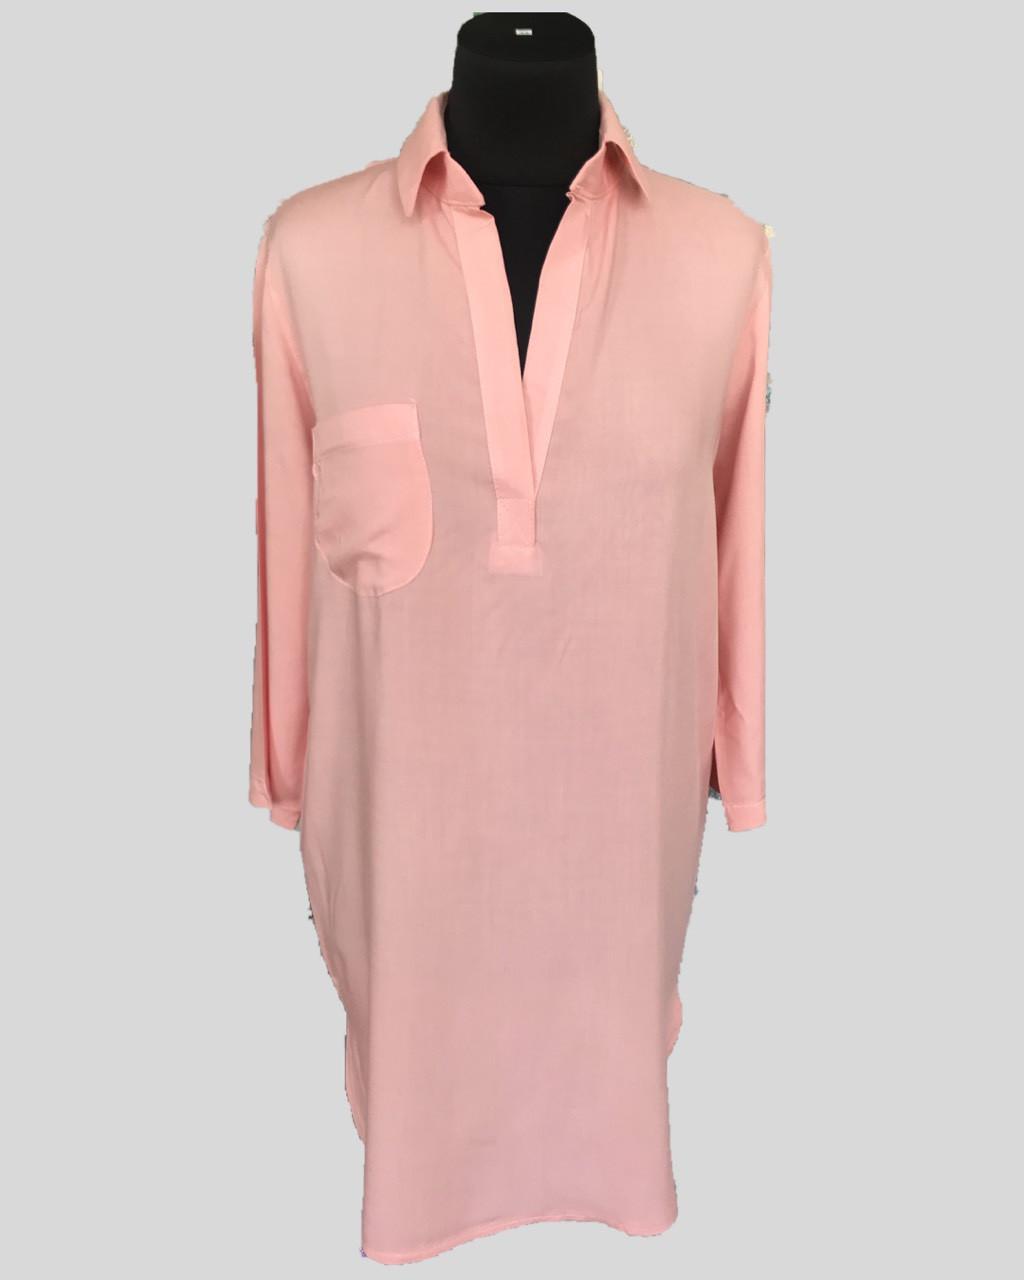 Пляжная туника рубашка, цвет - персик.